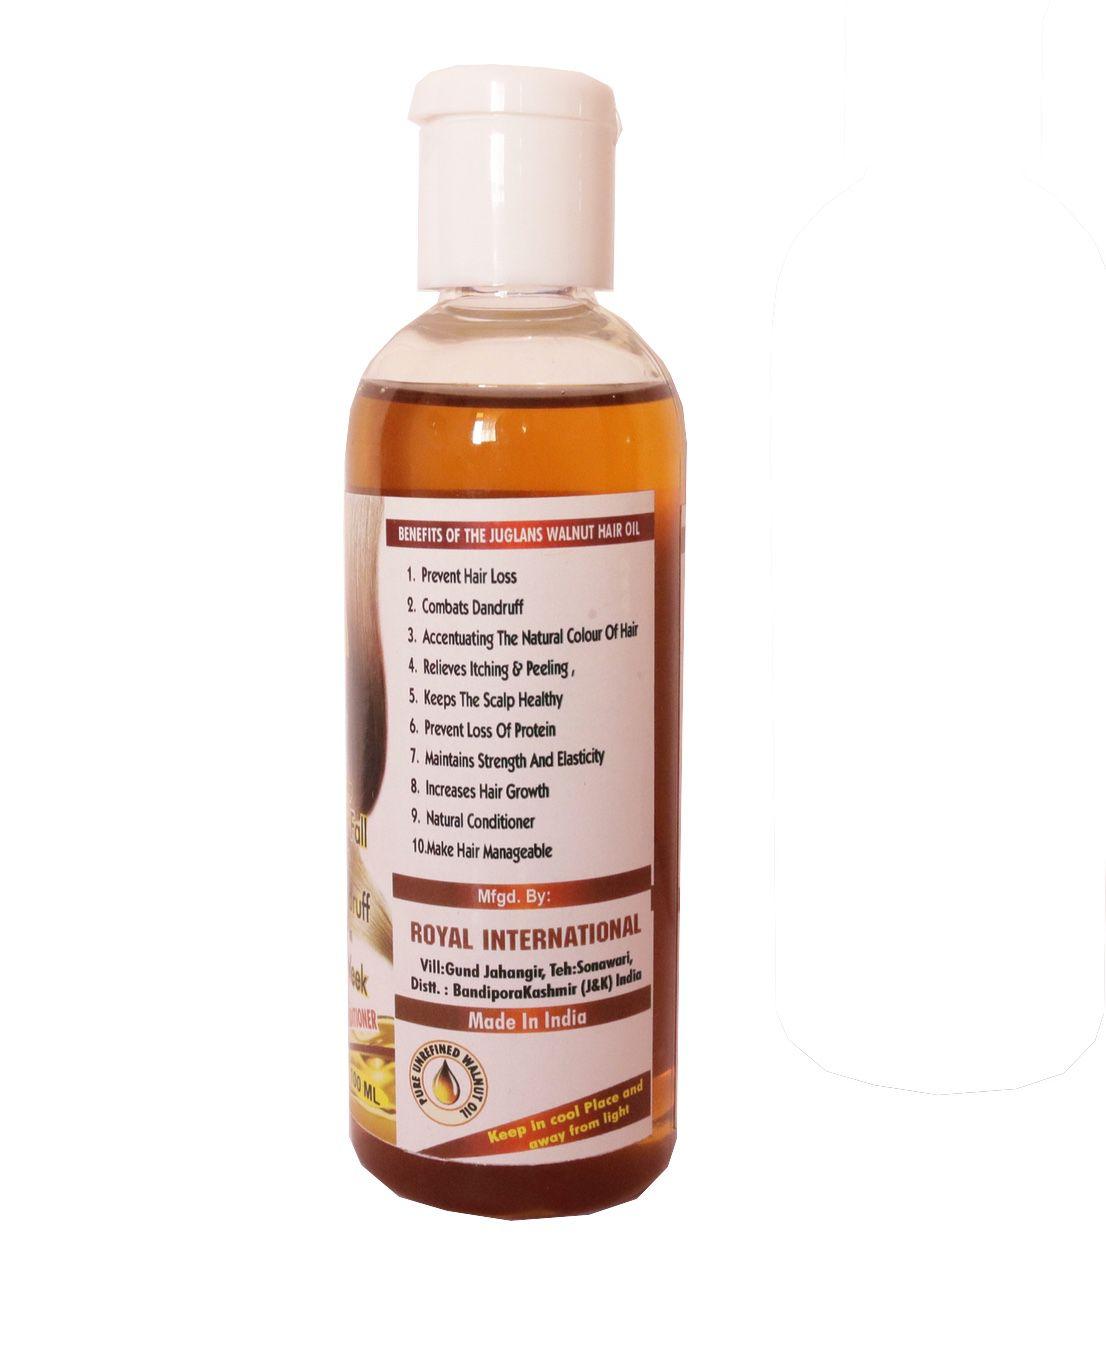 Juglans Walnut Hair Oil 100 ml